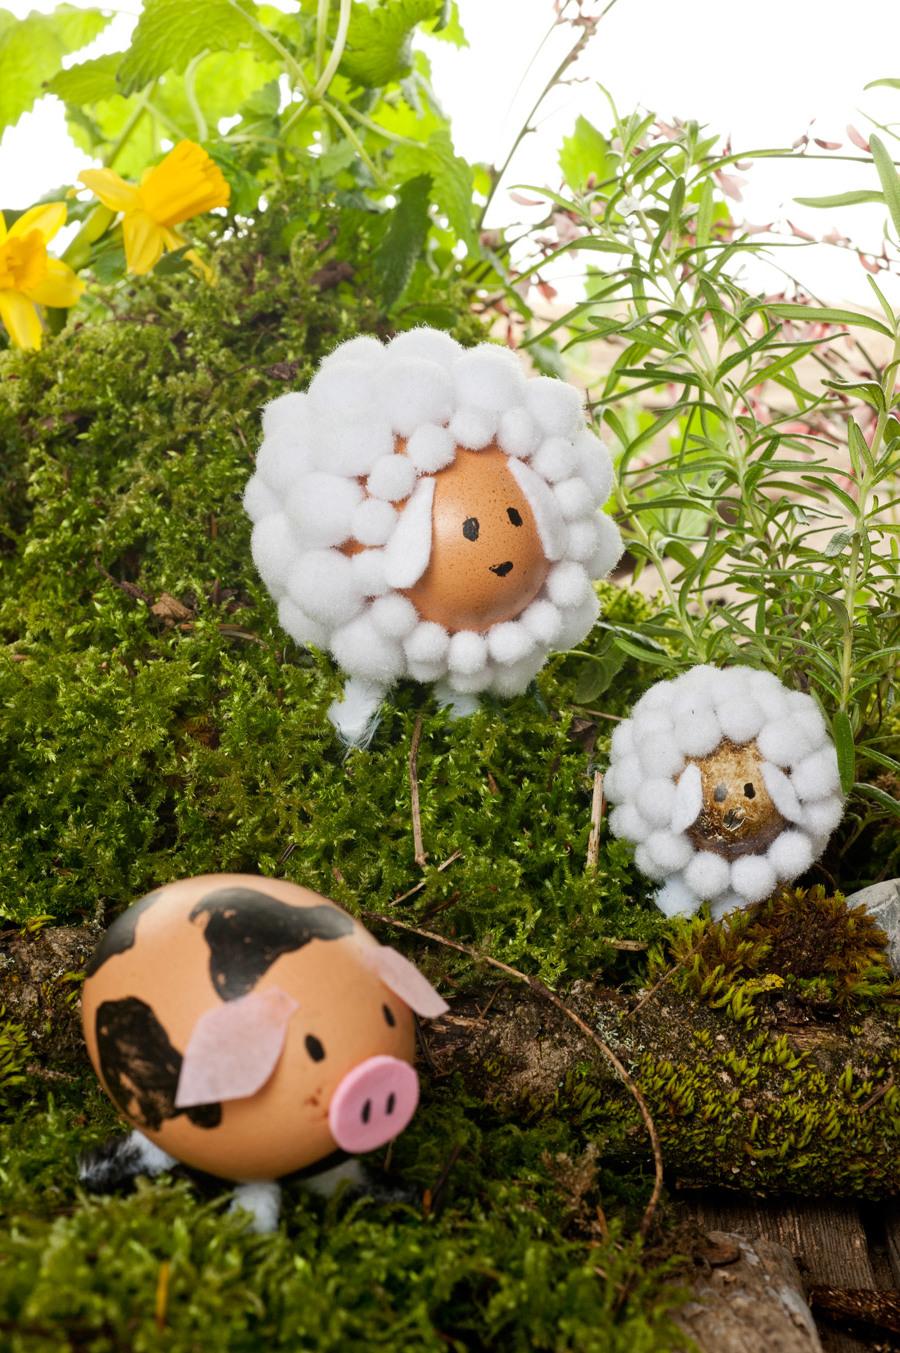 Arrangieren Sie alle Ostereier in Form von Haustieren wie in einem Bauernhof!